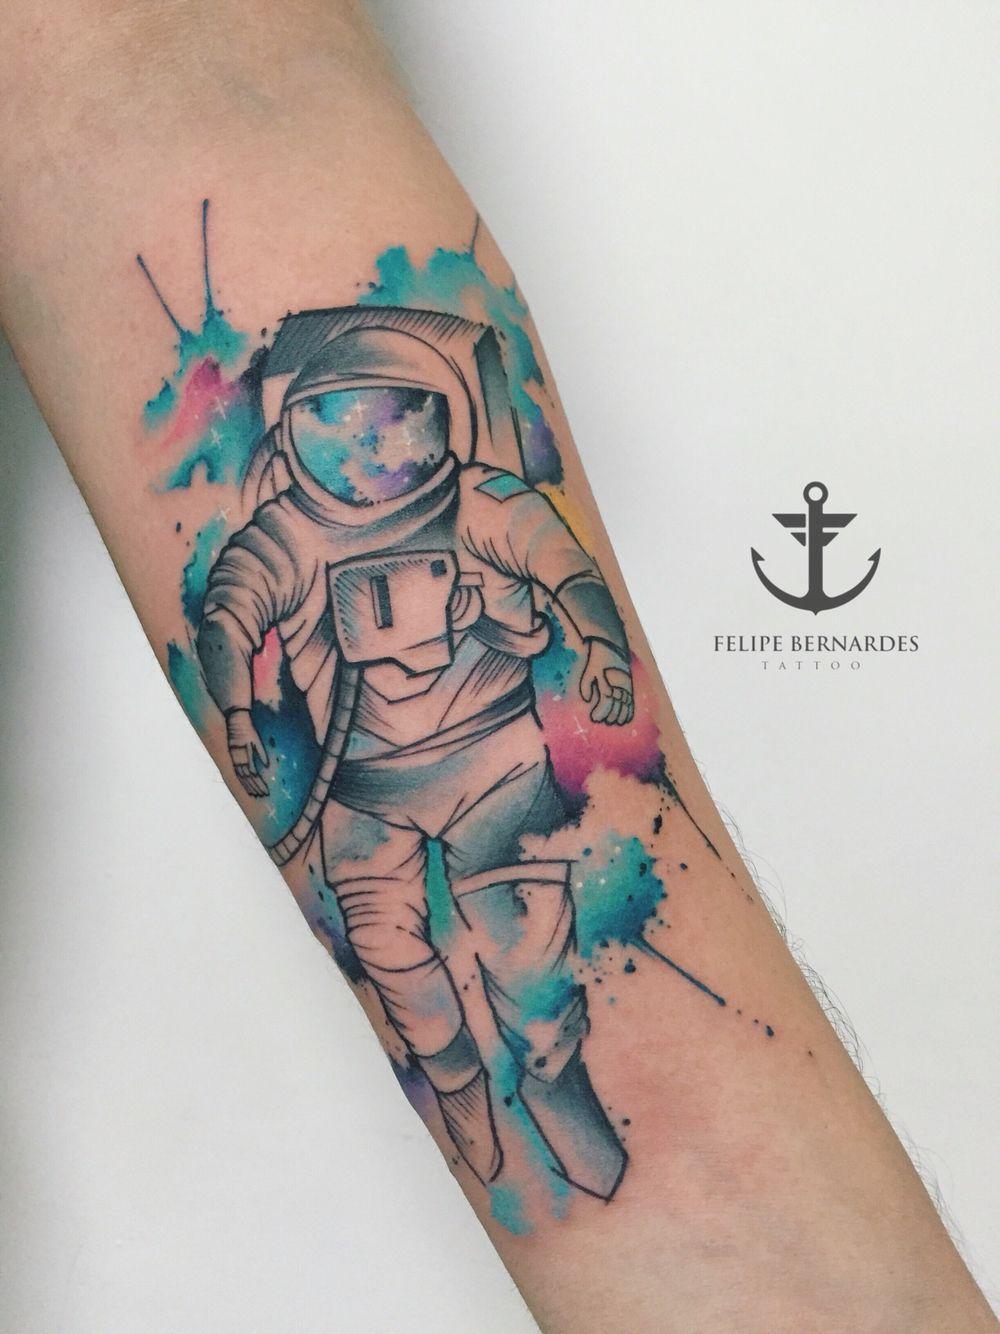 Watercolor tattoo artists in houston texas - Tattoo By Felipe Bernardes Brazilian Tattoo Artist Watercolor Sketch Work Astronaut